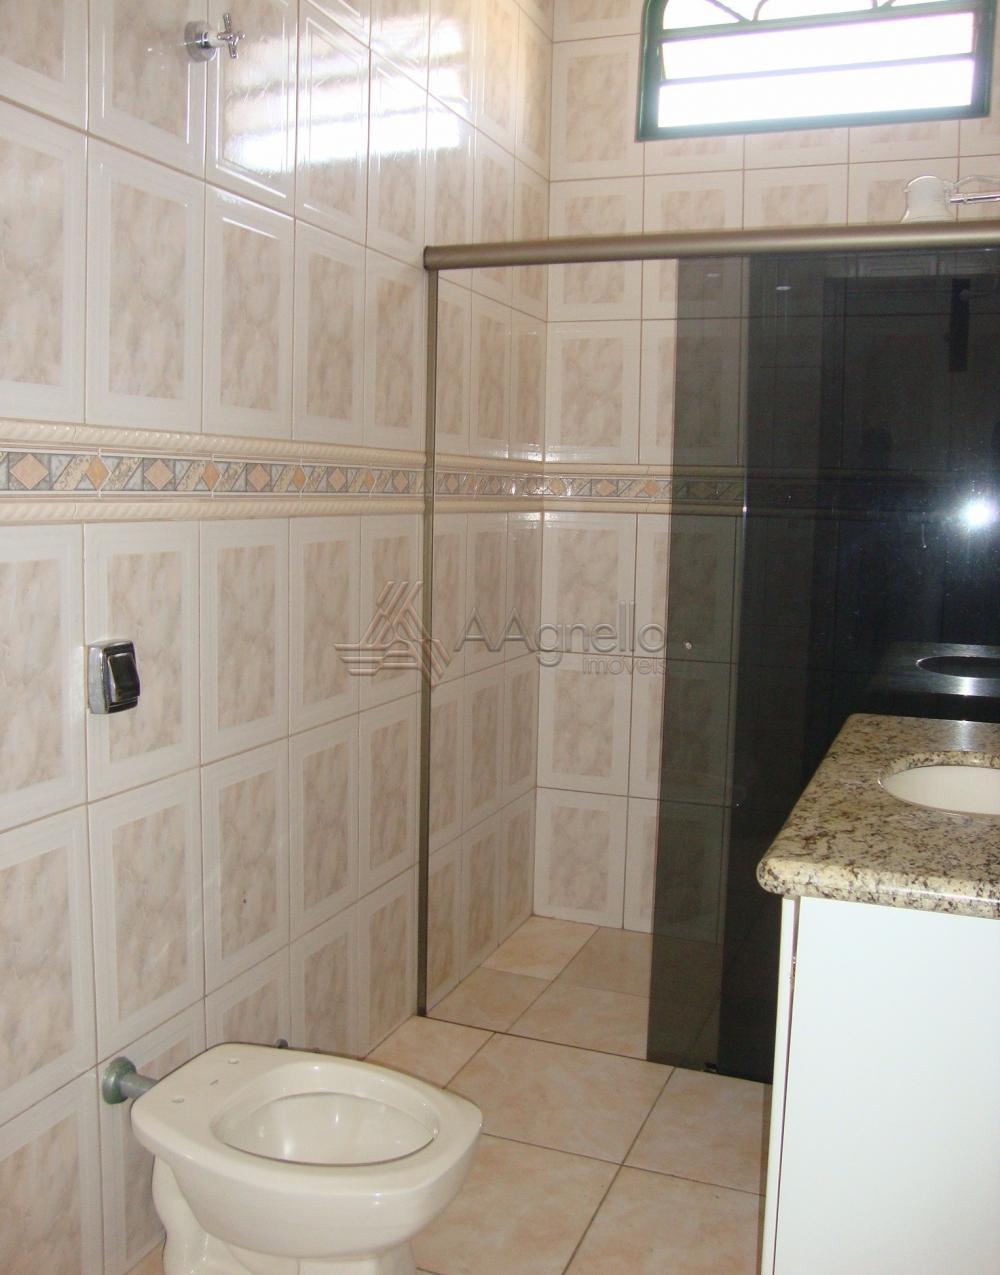 Comprar Casa / Chácara em Franca R$ 3.000.000,00 - Foto 15